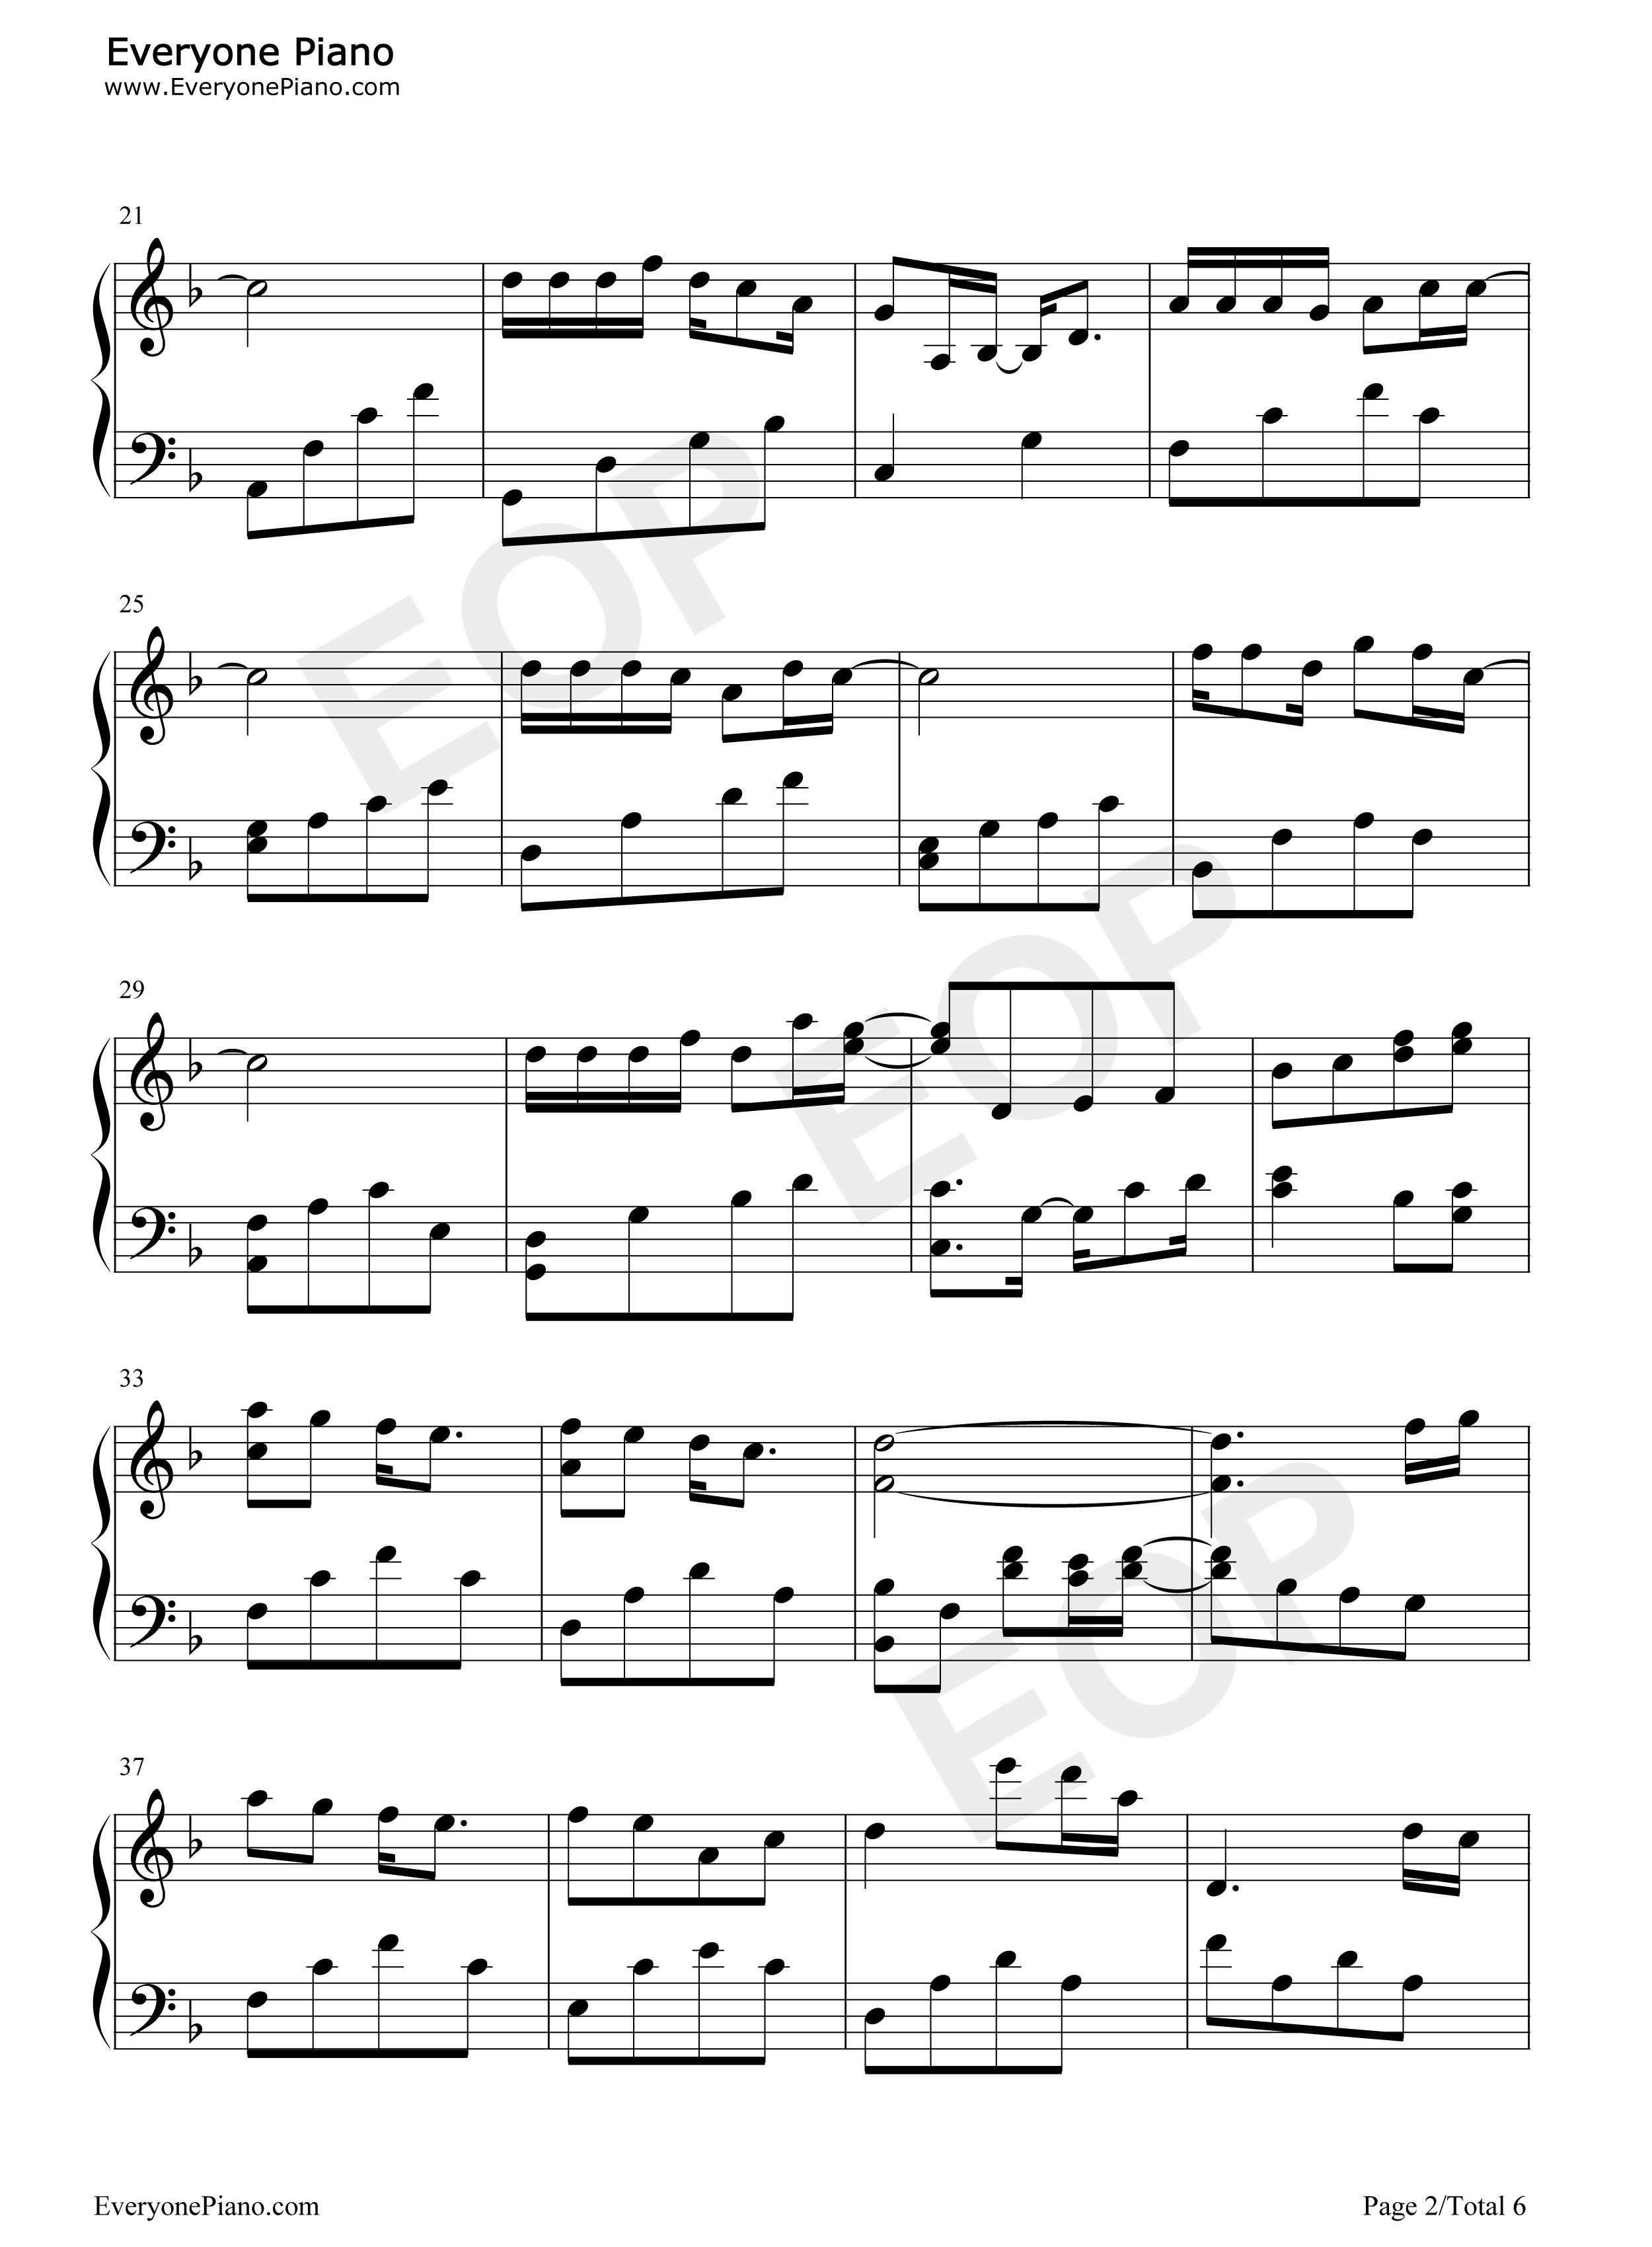 钢琴曲谱 流行 我只在乎你 我只在乎你五线谱预览2  }  仅供学习交流